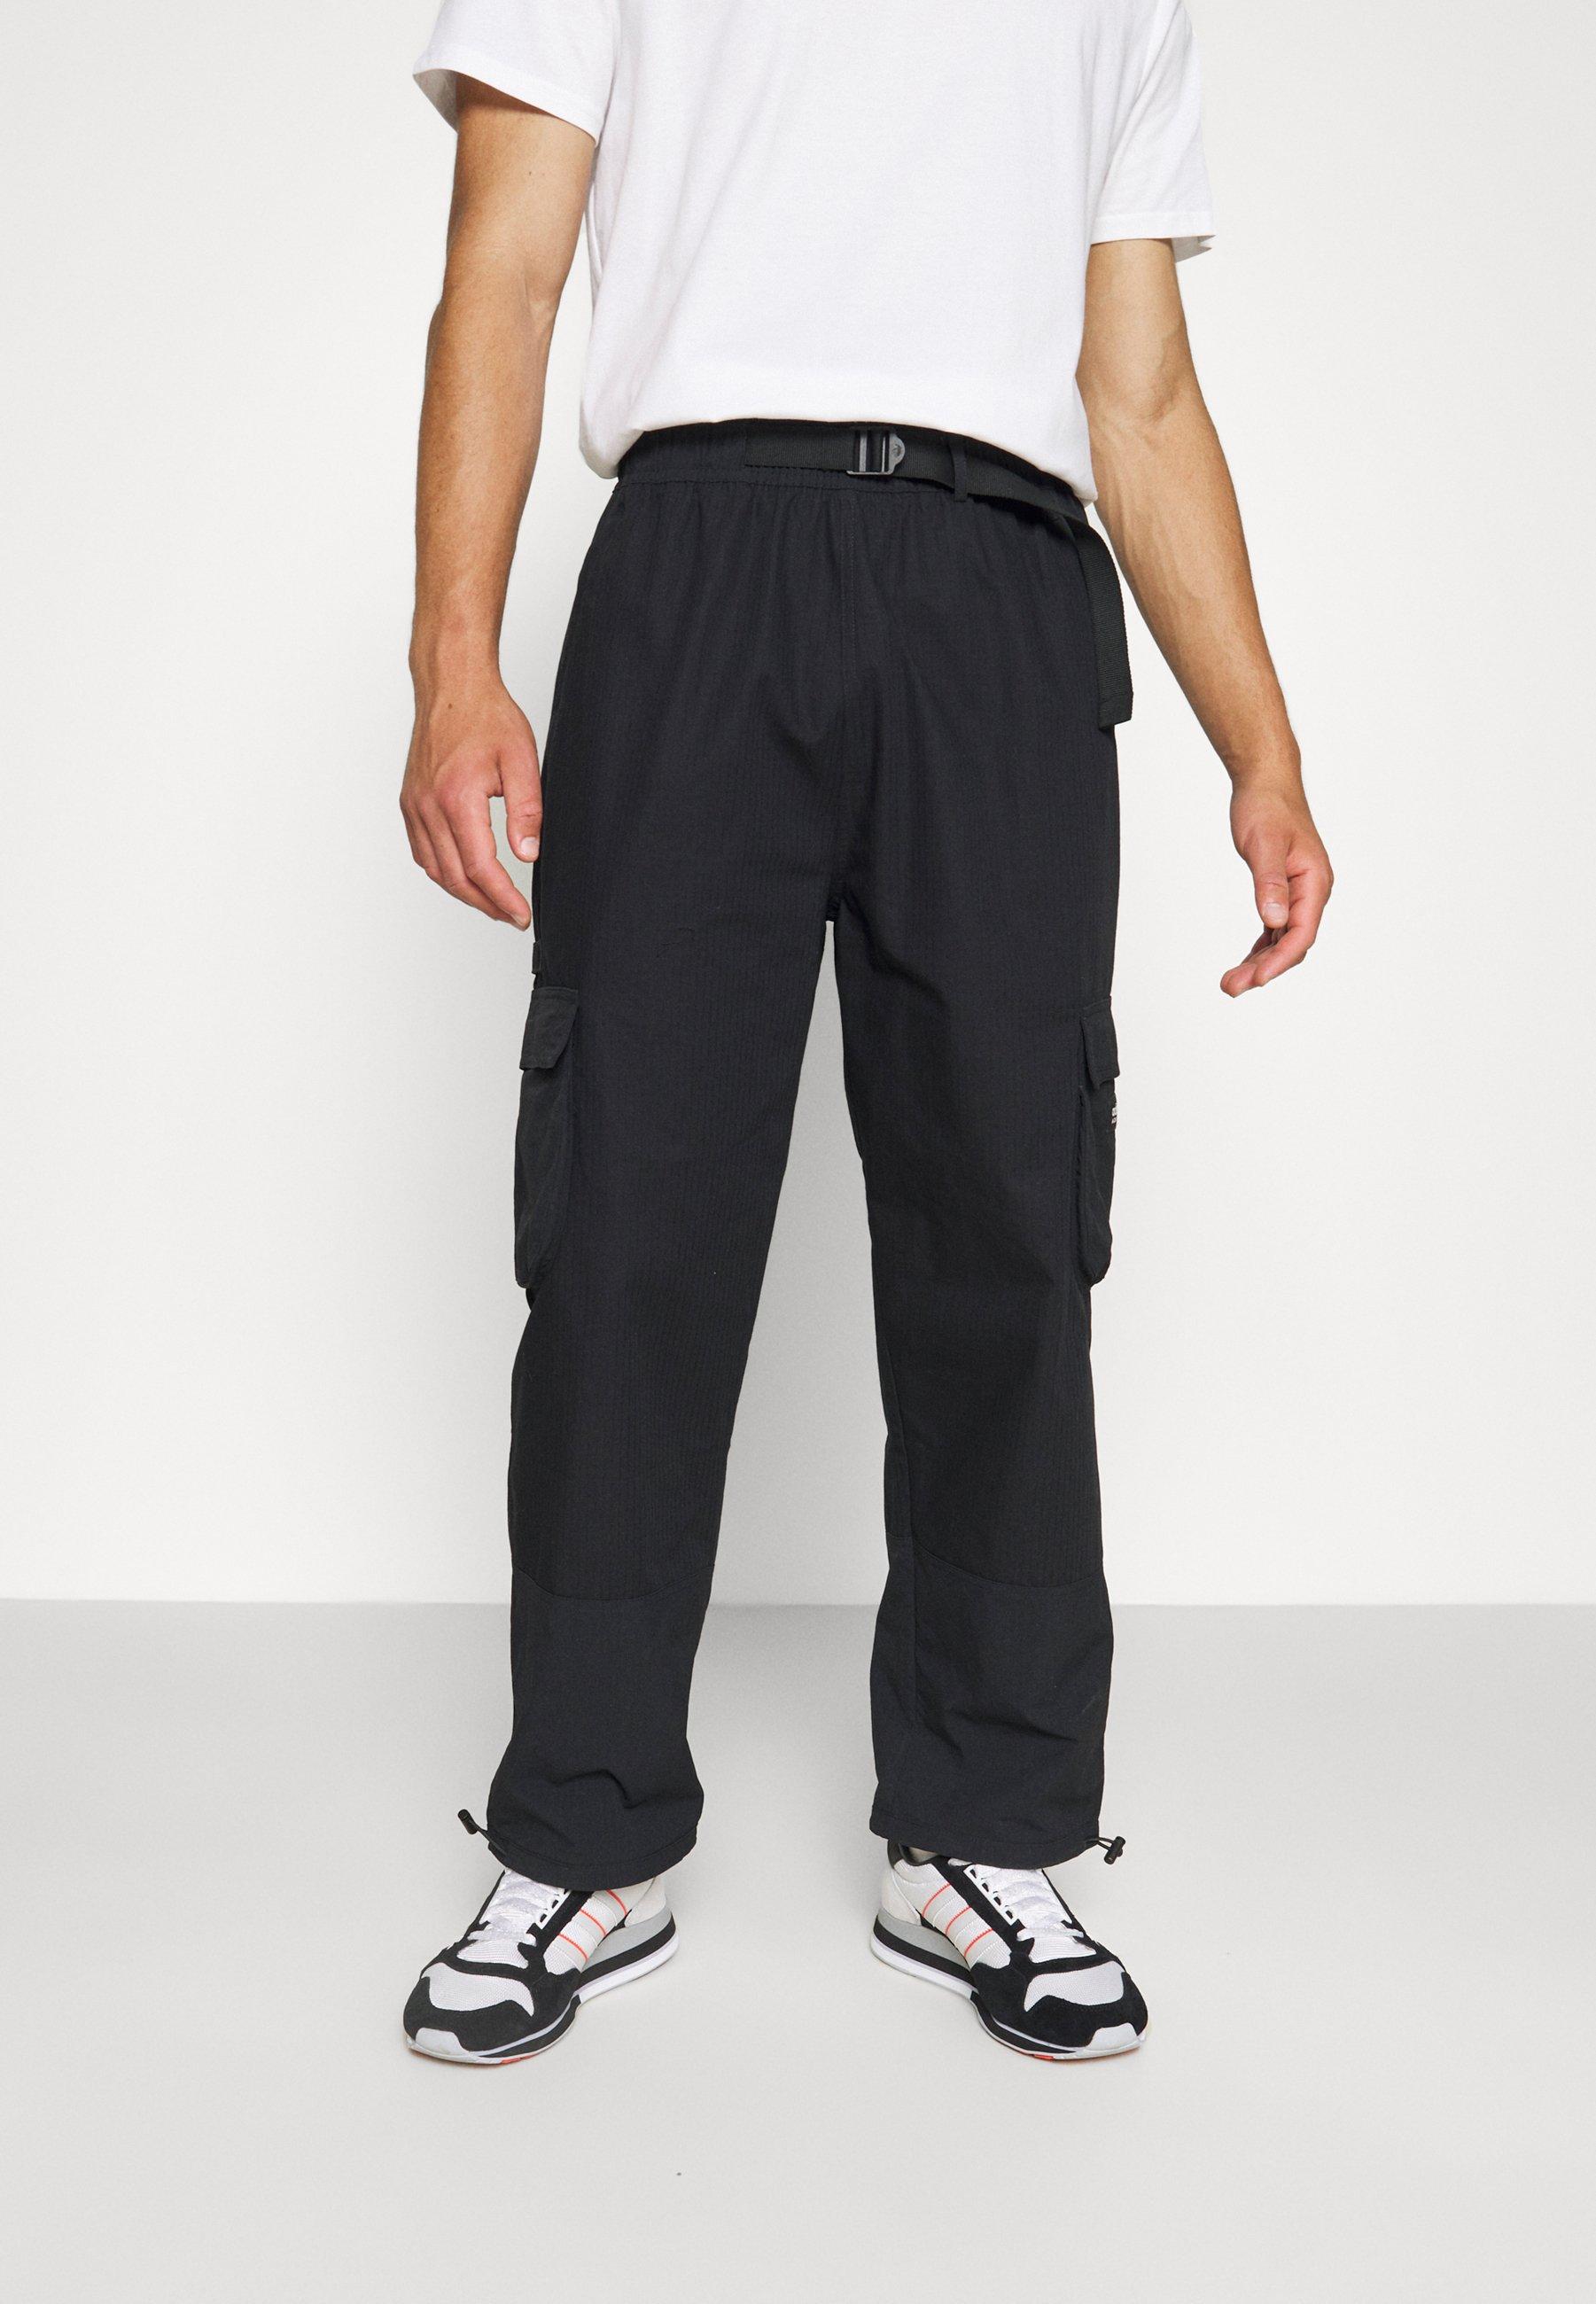 Homme CARGO PANT UNISEX - Pantalon cargo